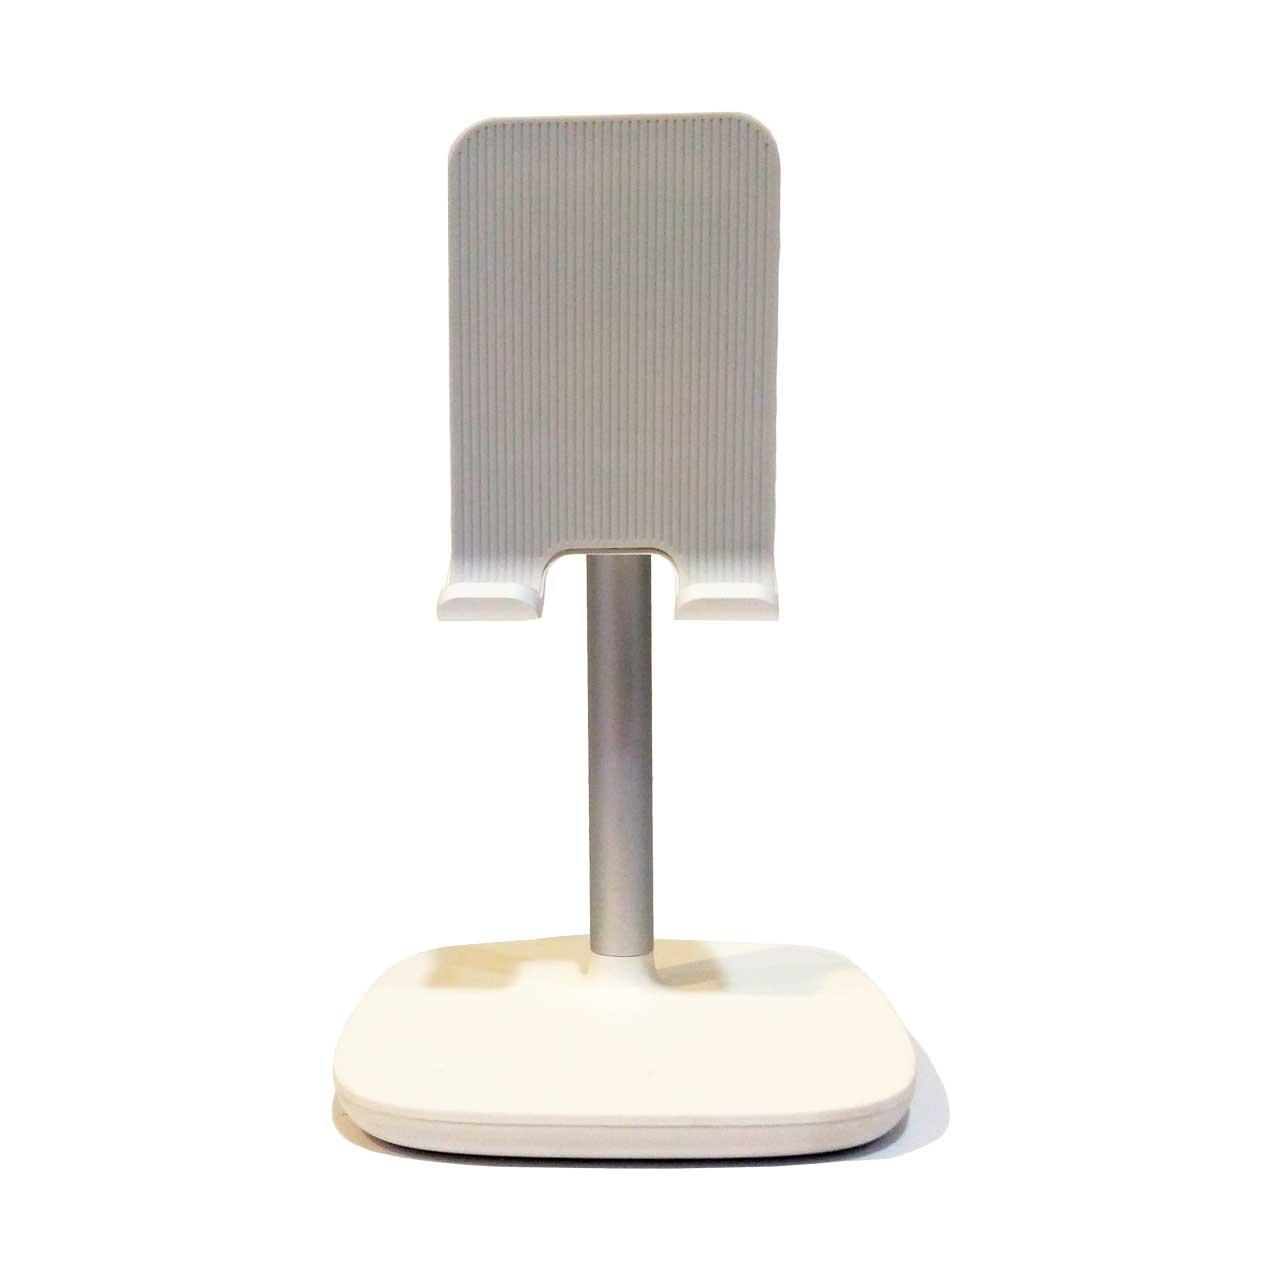 پایه رومیزی موبایل برند Ugreen مدل LP177